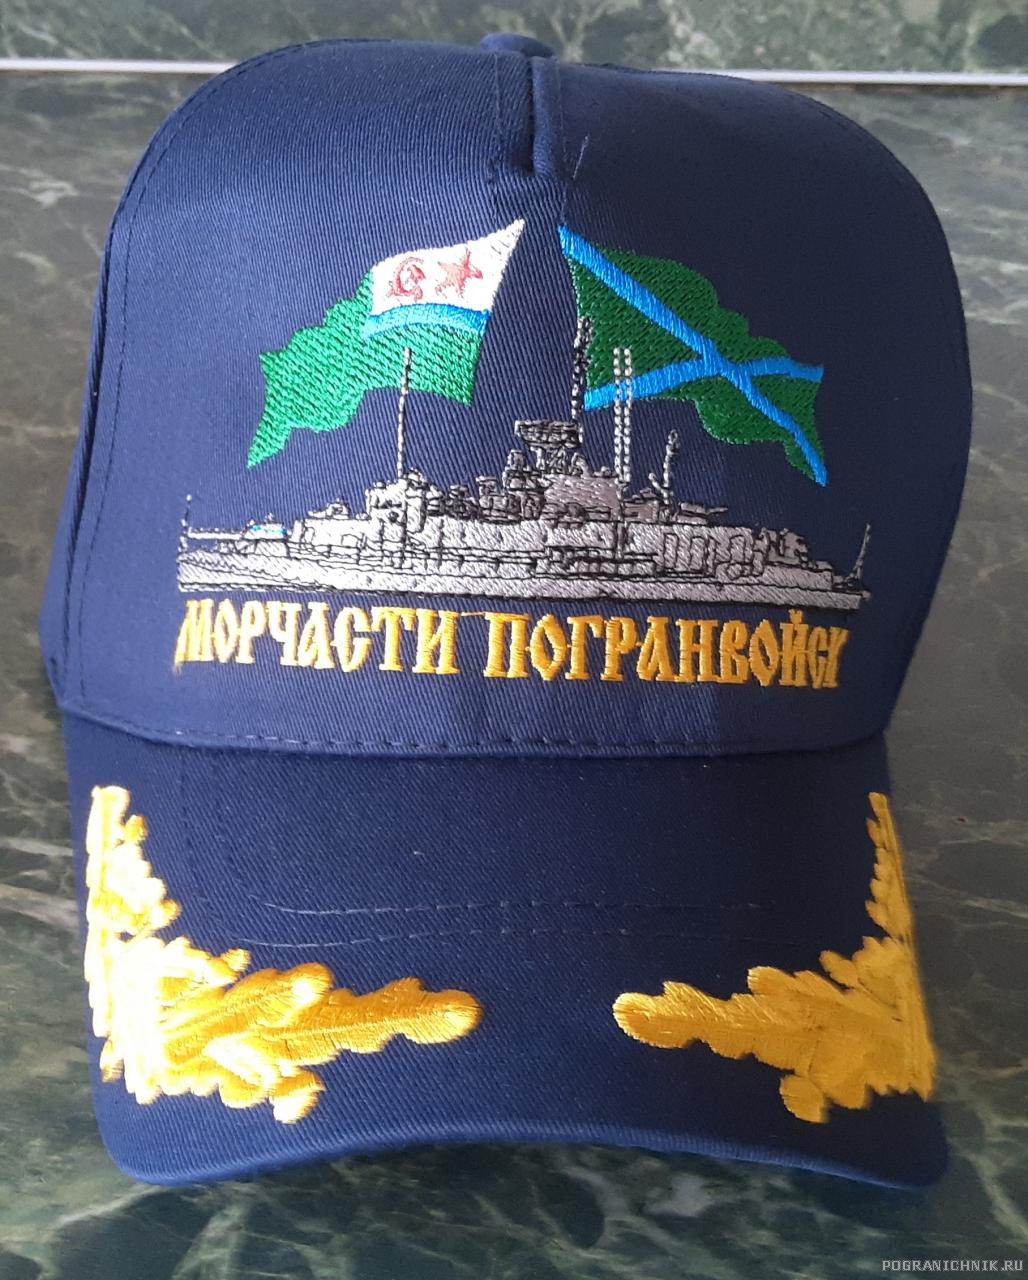 Бейсболка с кораблем проекта 1248, с флагами и дубовыми венками на козырьке. Цвет темно-синий.